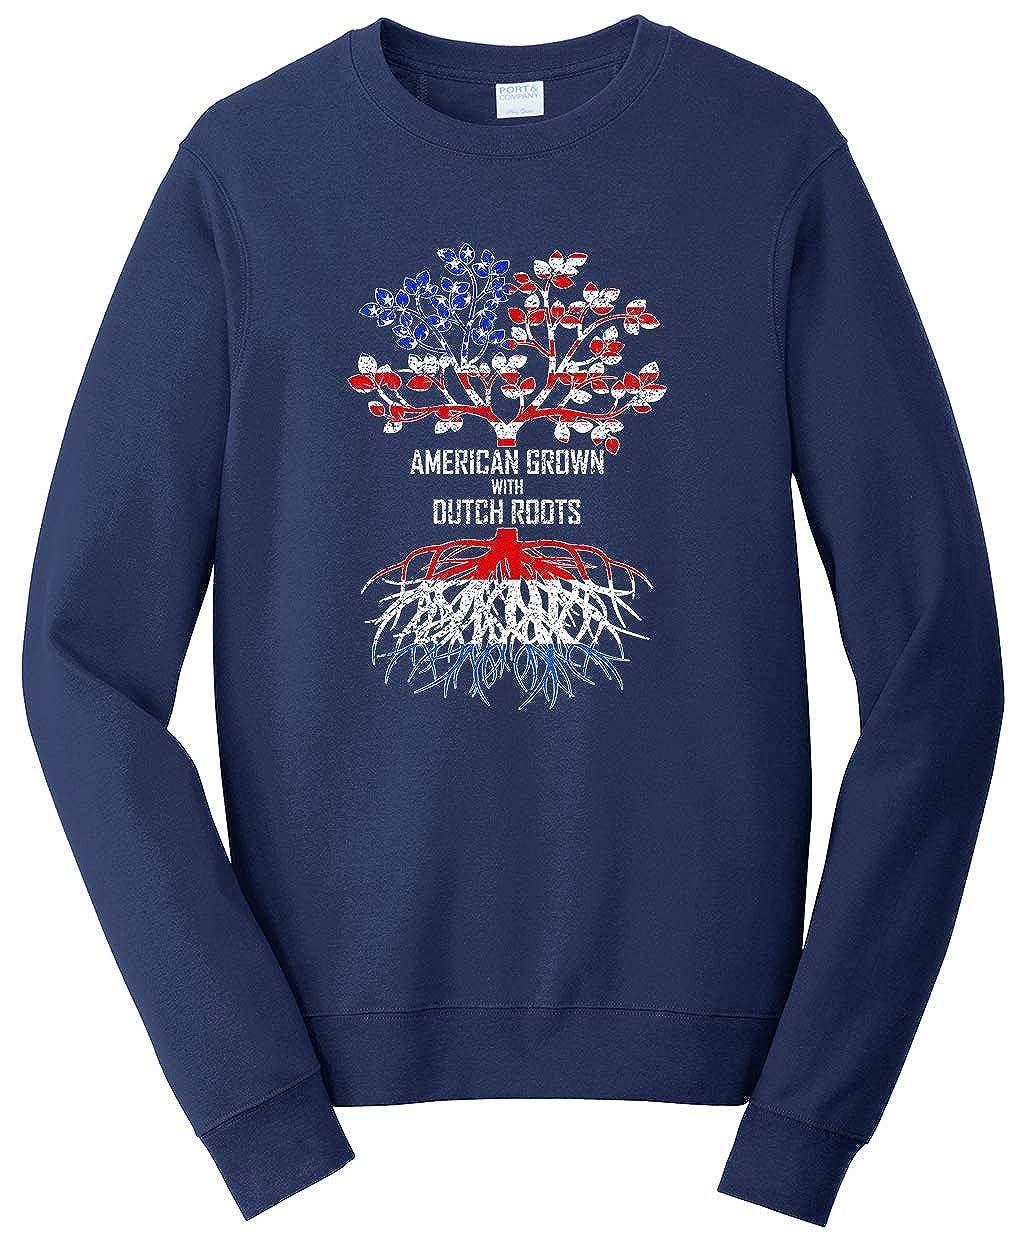 Netherlands Sweatshirt Tenacitee Unisex American Grown with Dutch Roots